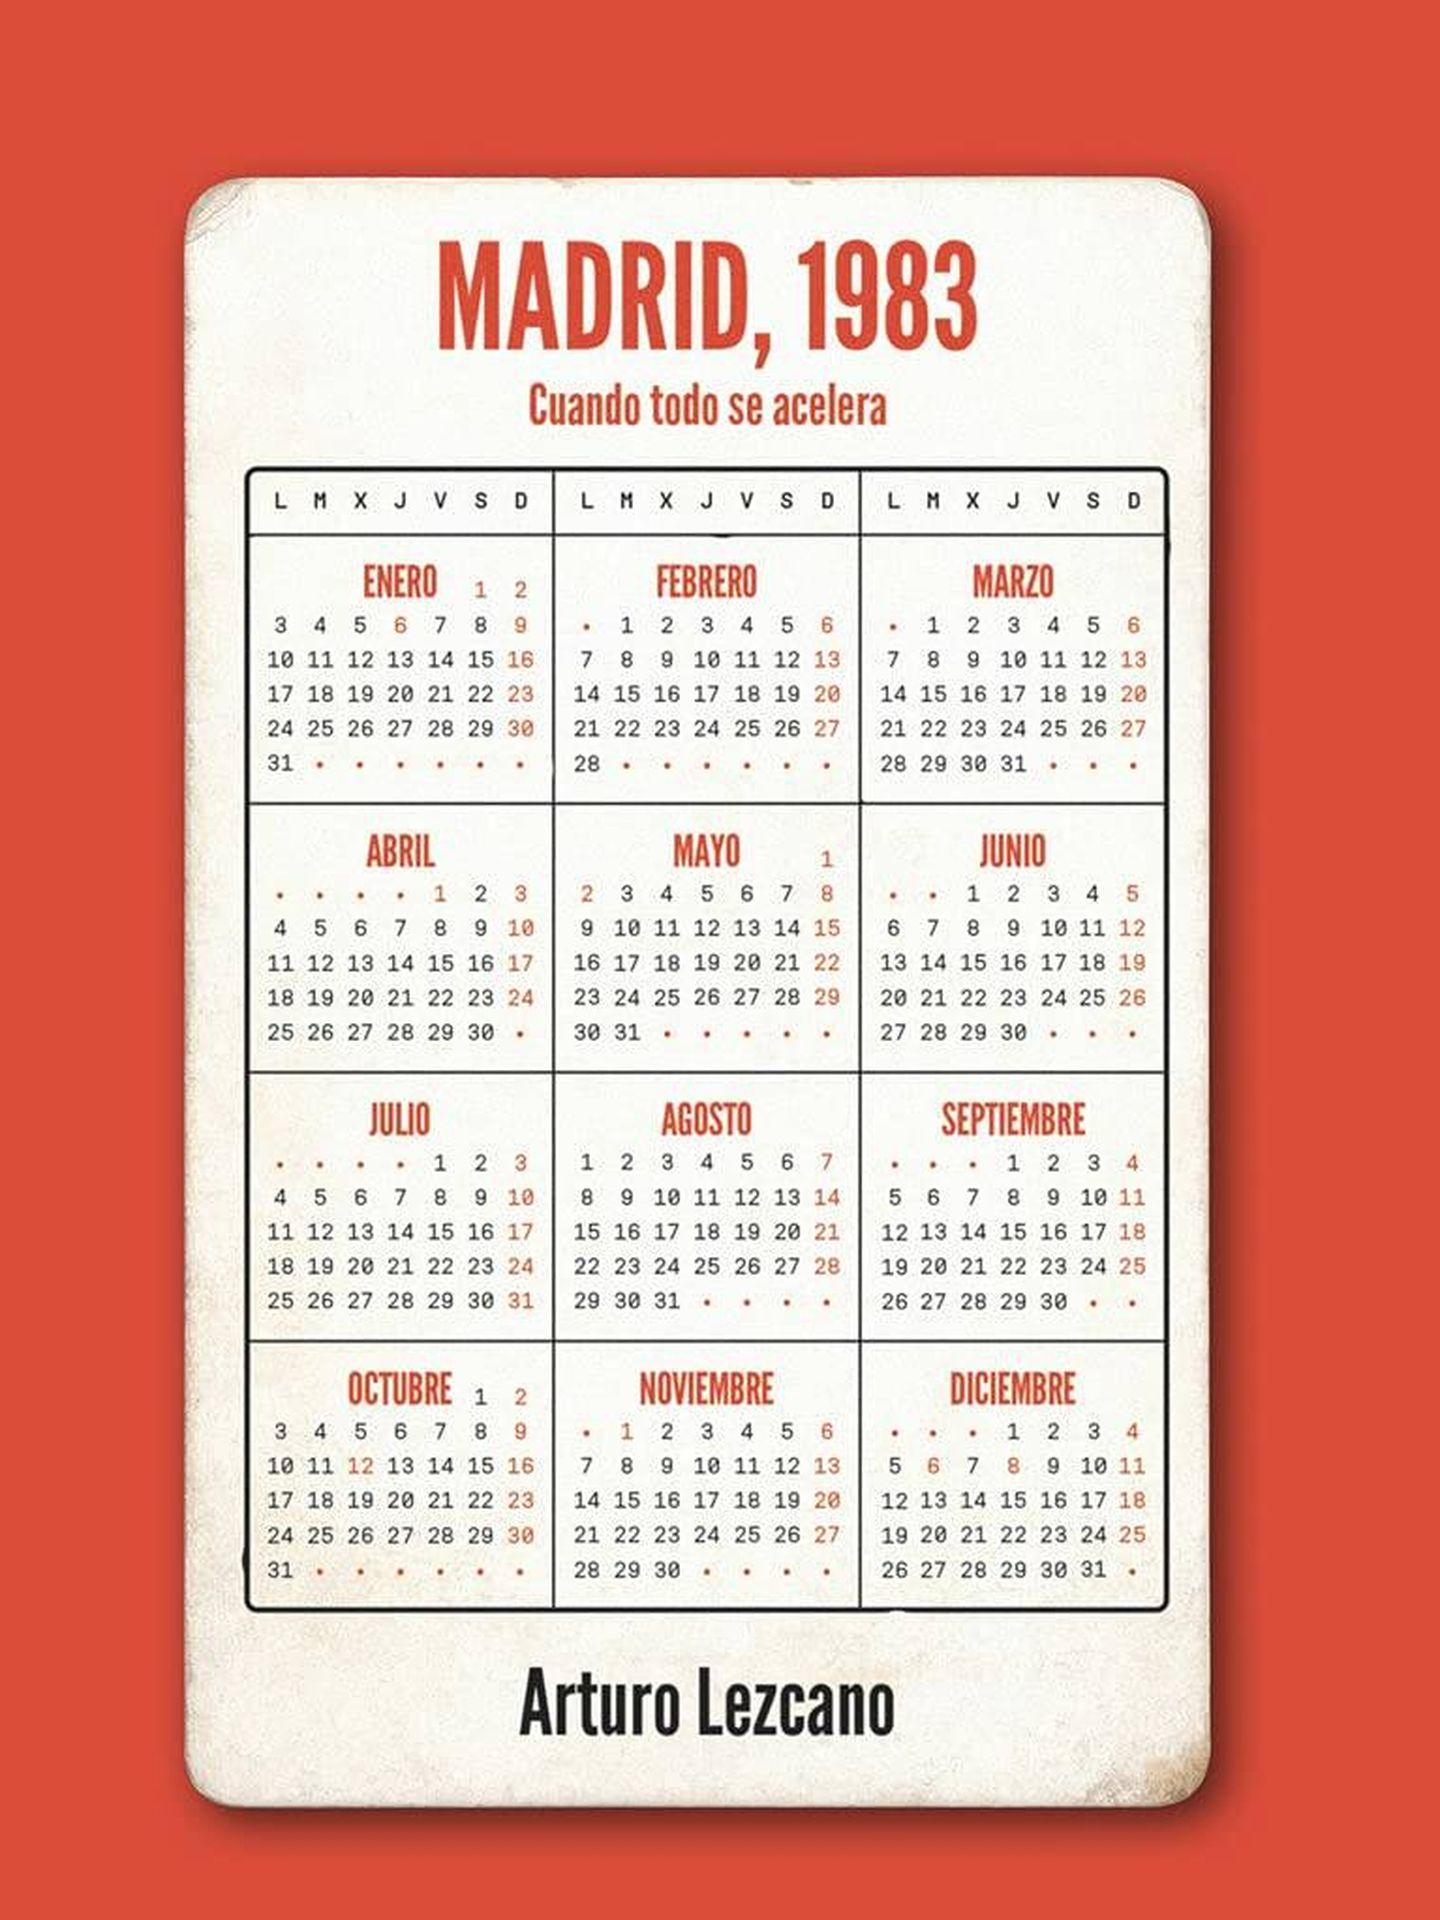 'Madrid, 1983'